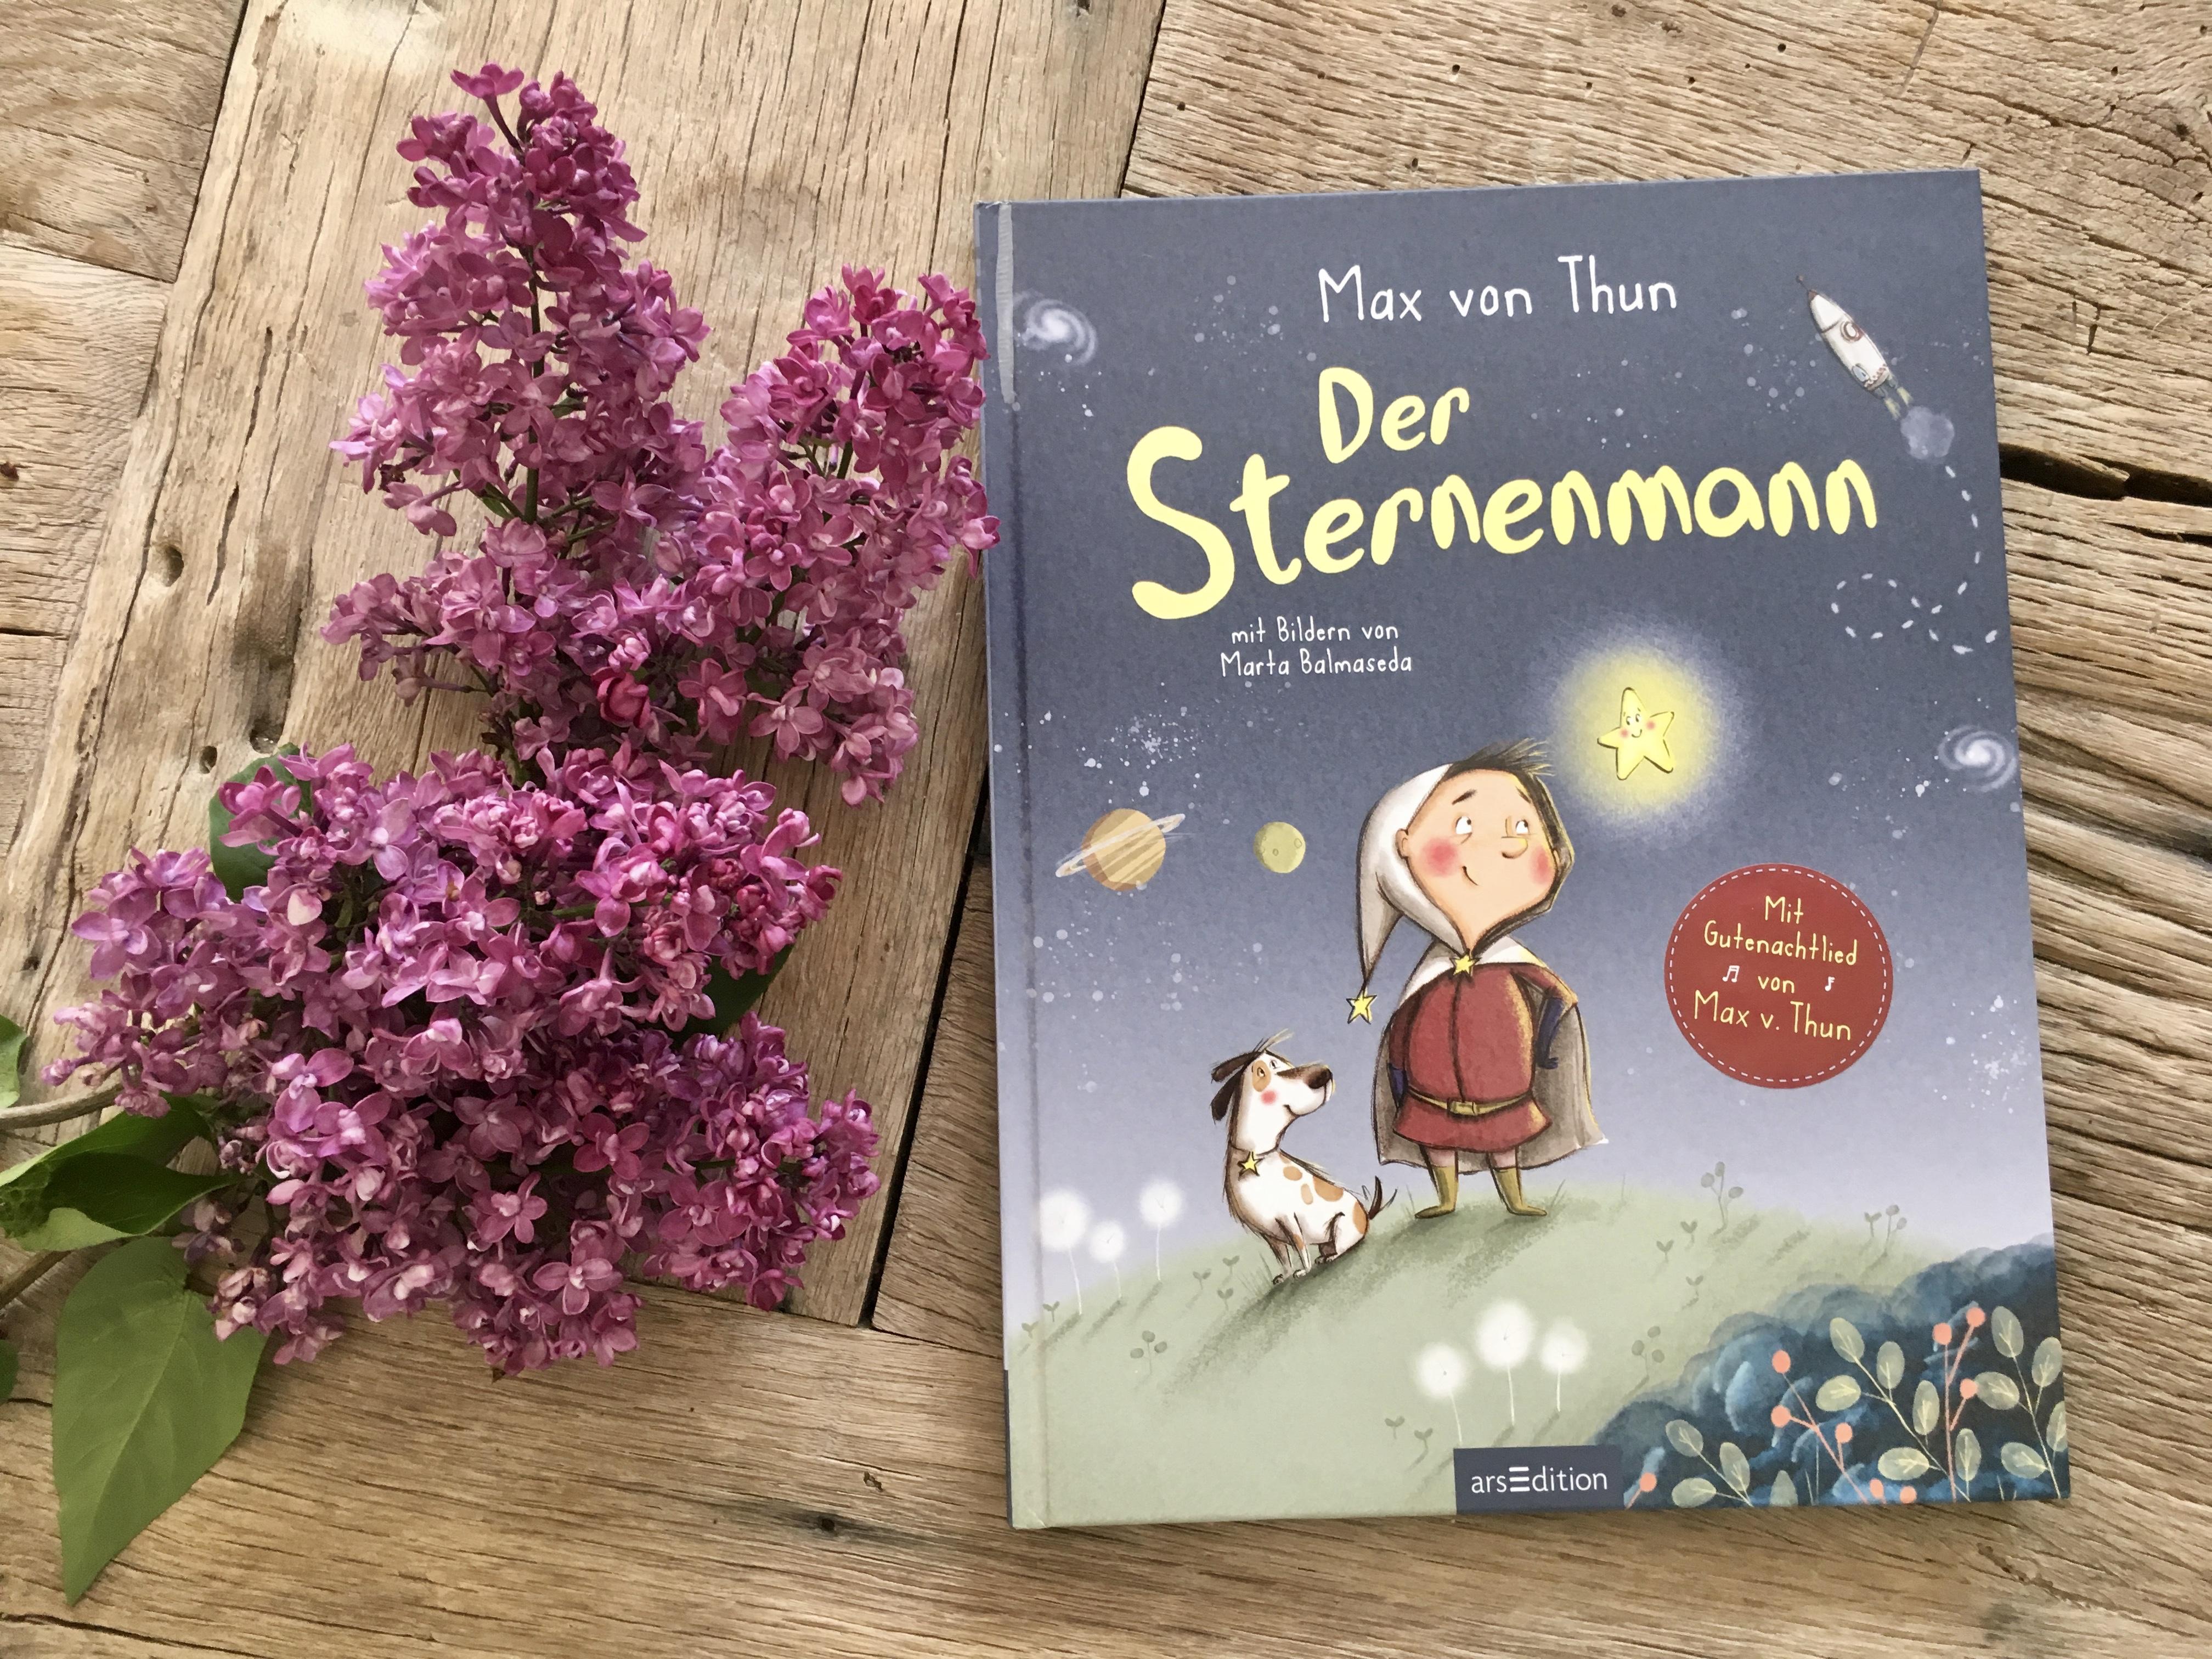 Der Sternenmann von Max von Thun (Text) und Marta Balmaseda (Illustrationen)